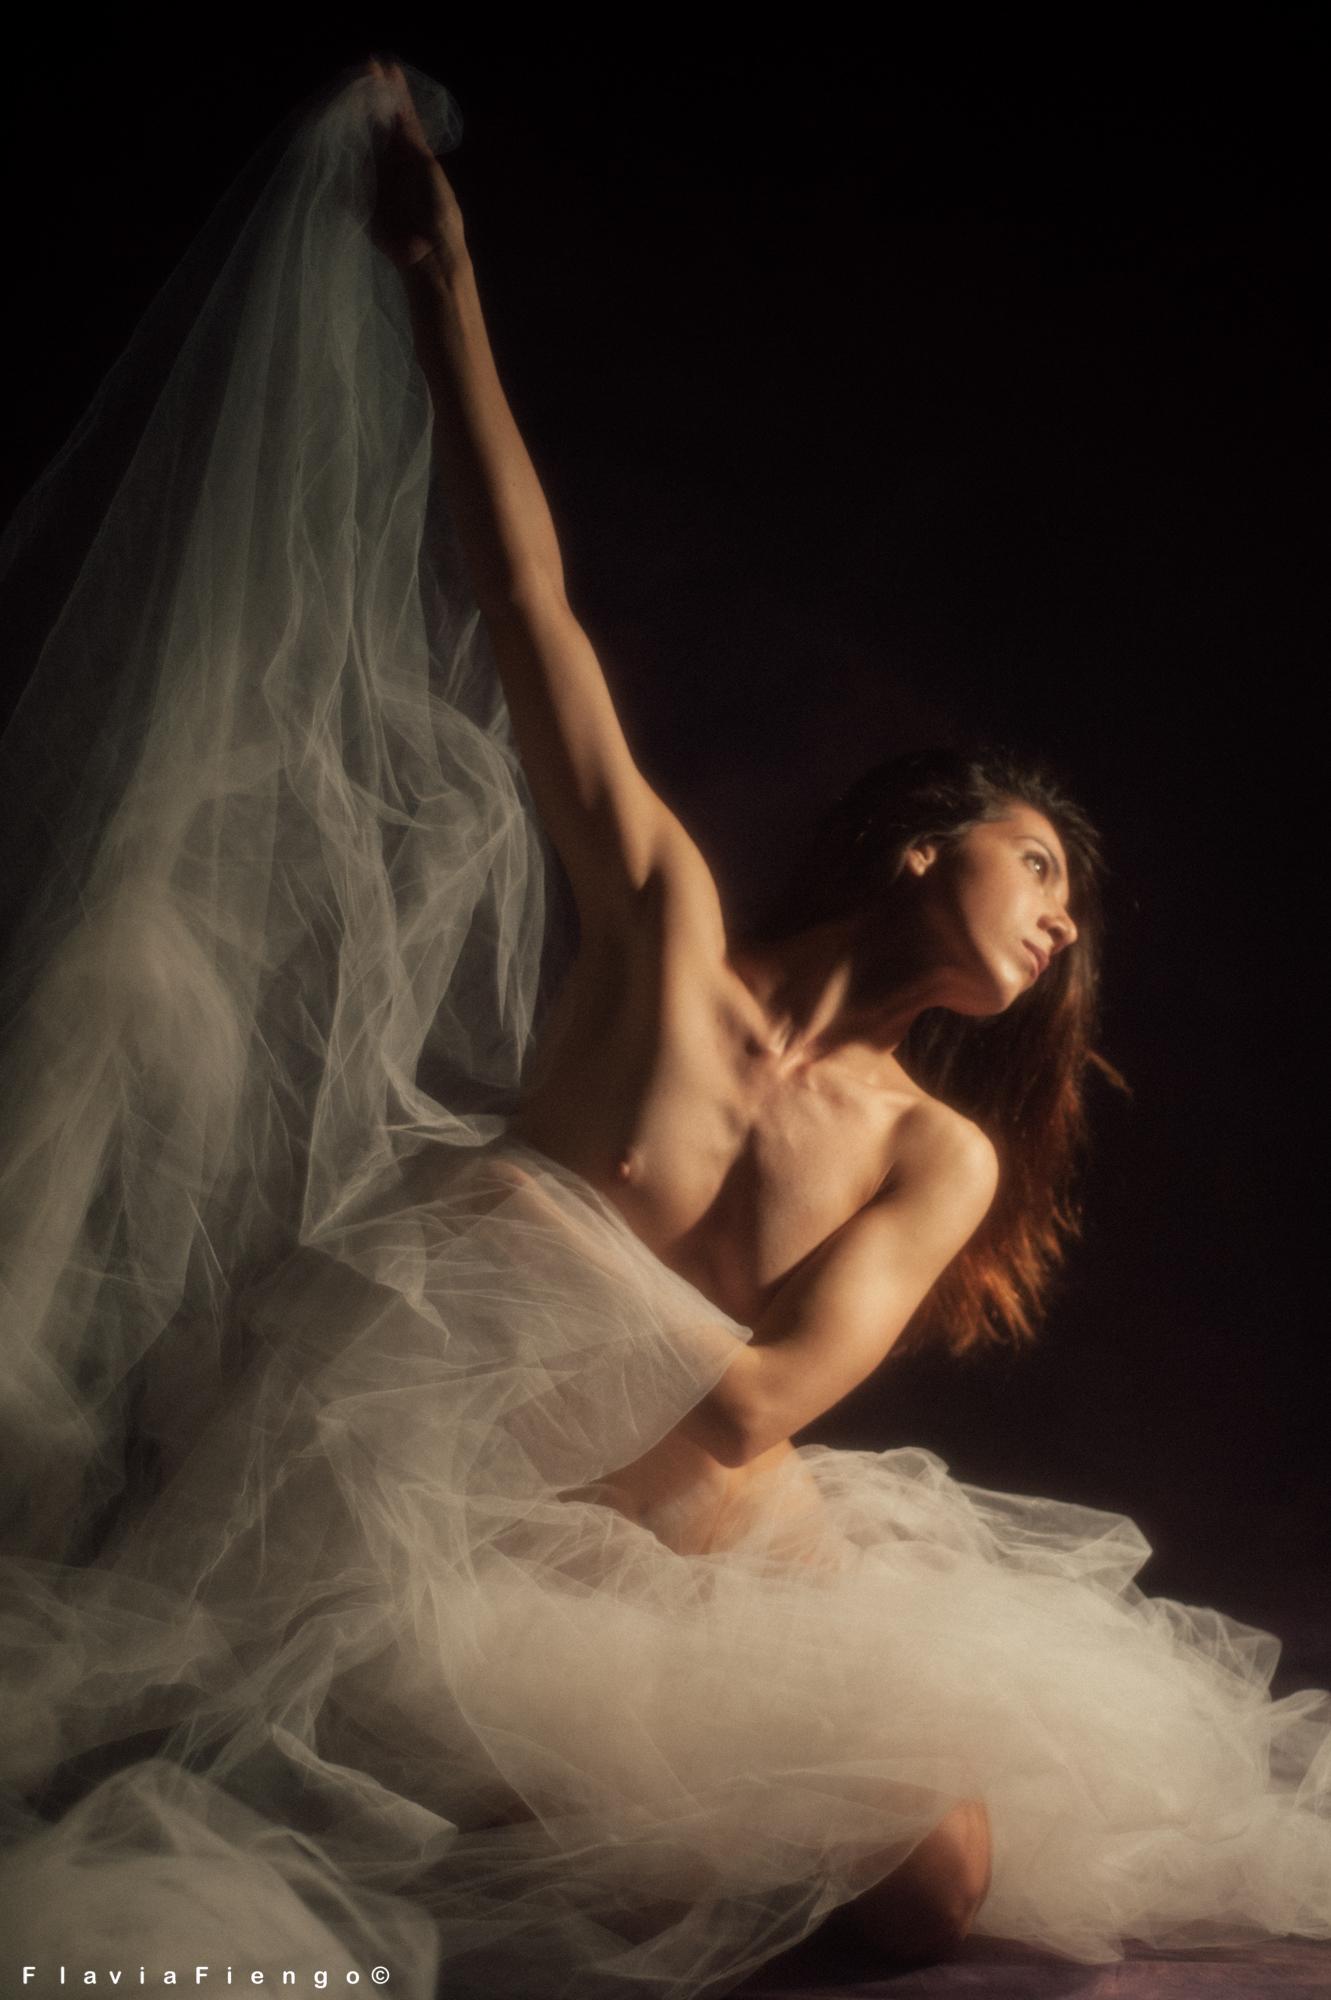 giulia_fotoflaviafiengo_-20